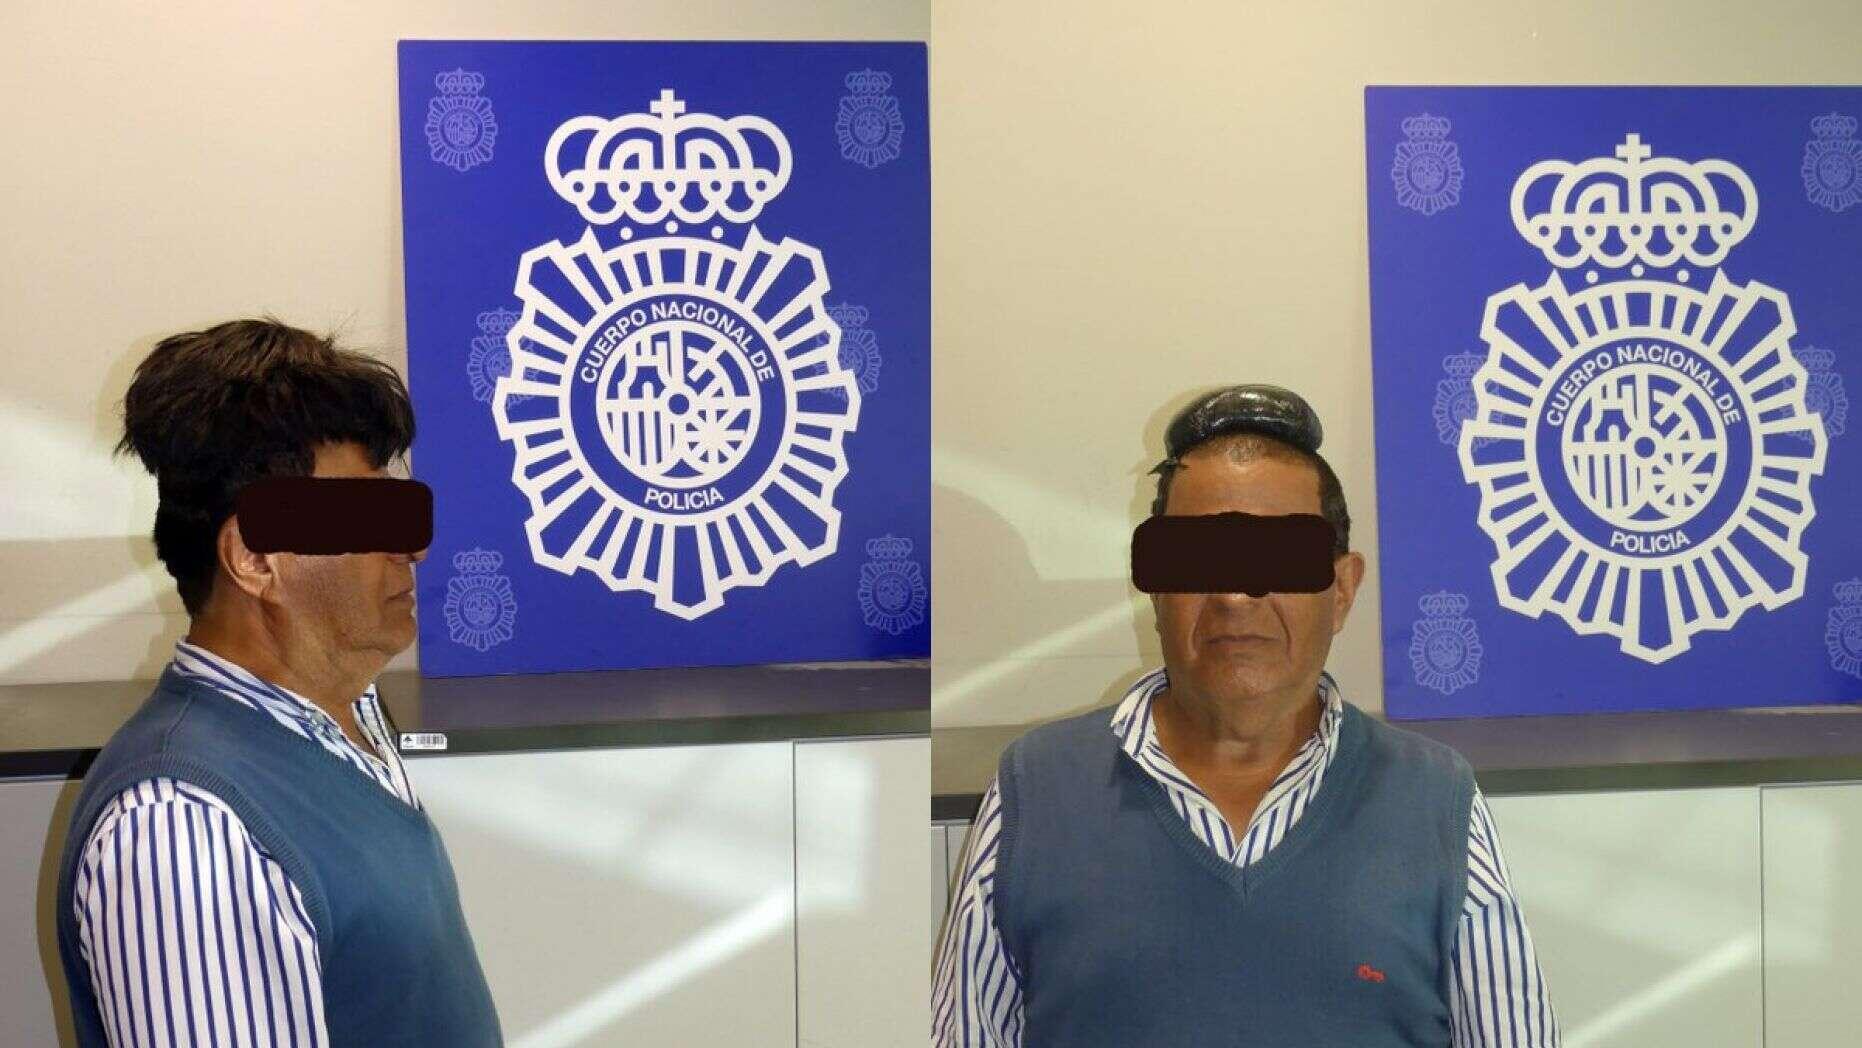 藏毒出新招:哥伦比亚籍男子将毒品偷藏假发内